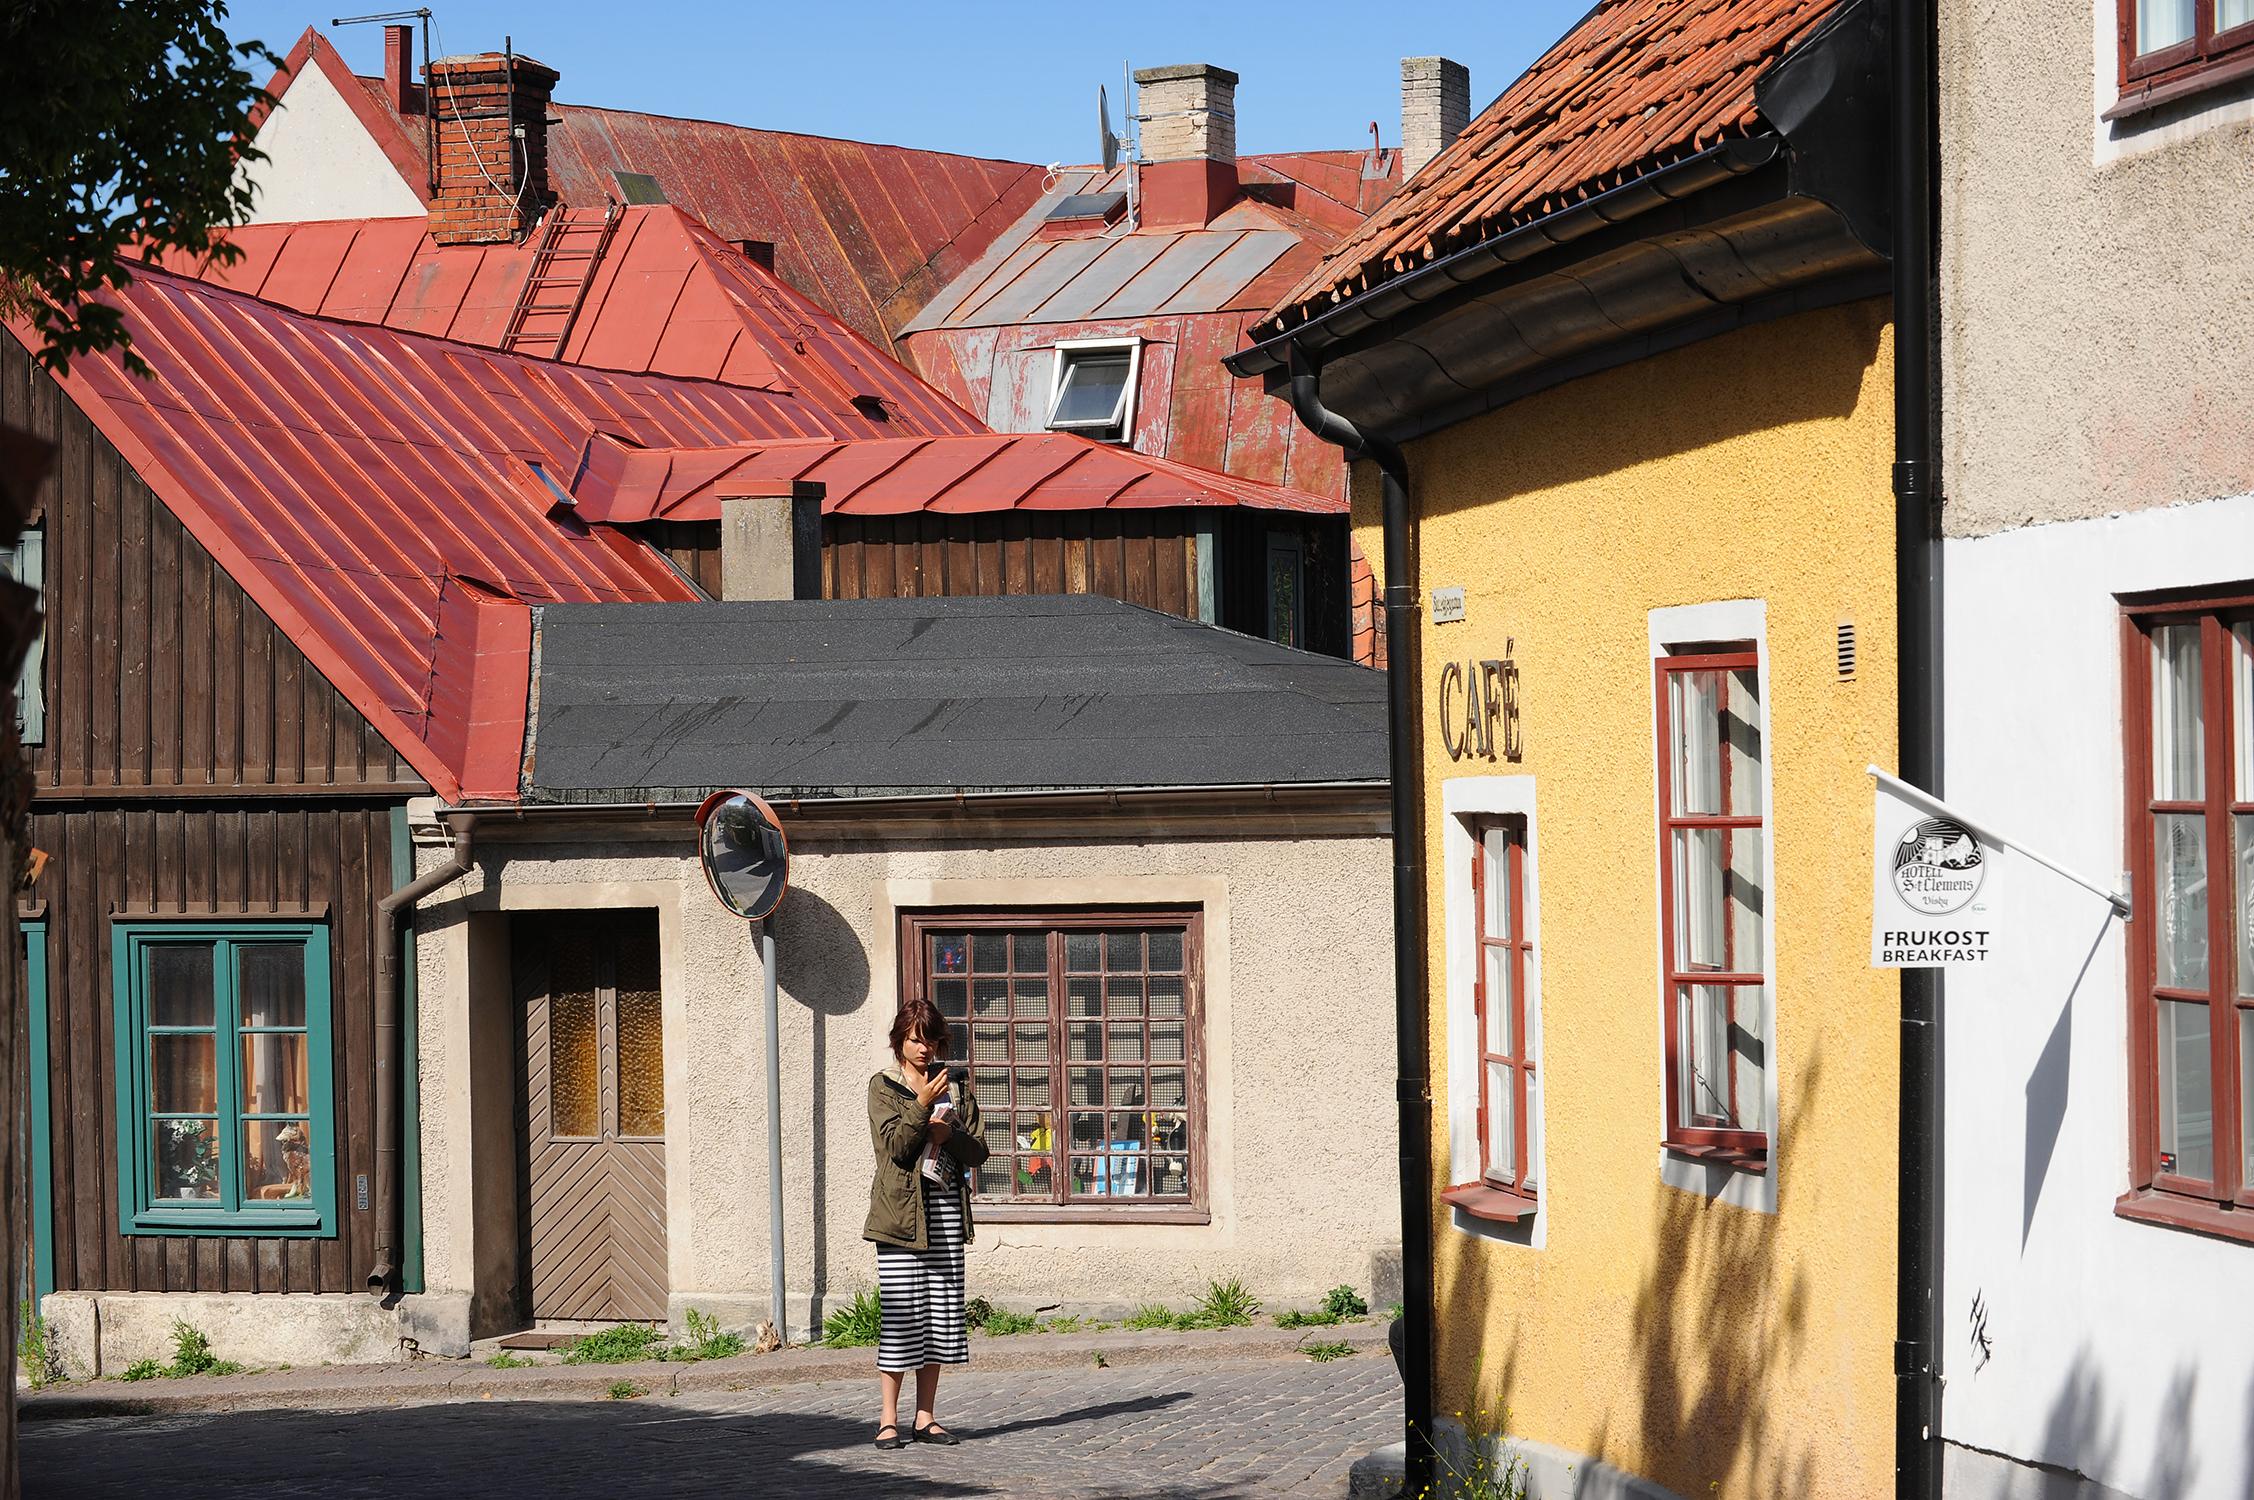 Ruotsi, Visby, matka, loma, kesä, Gotlanti